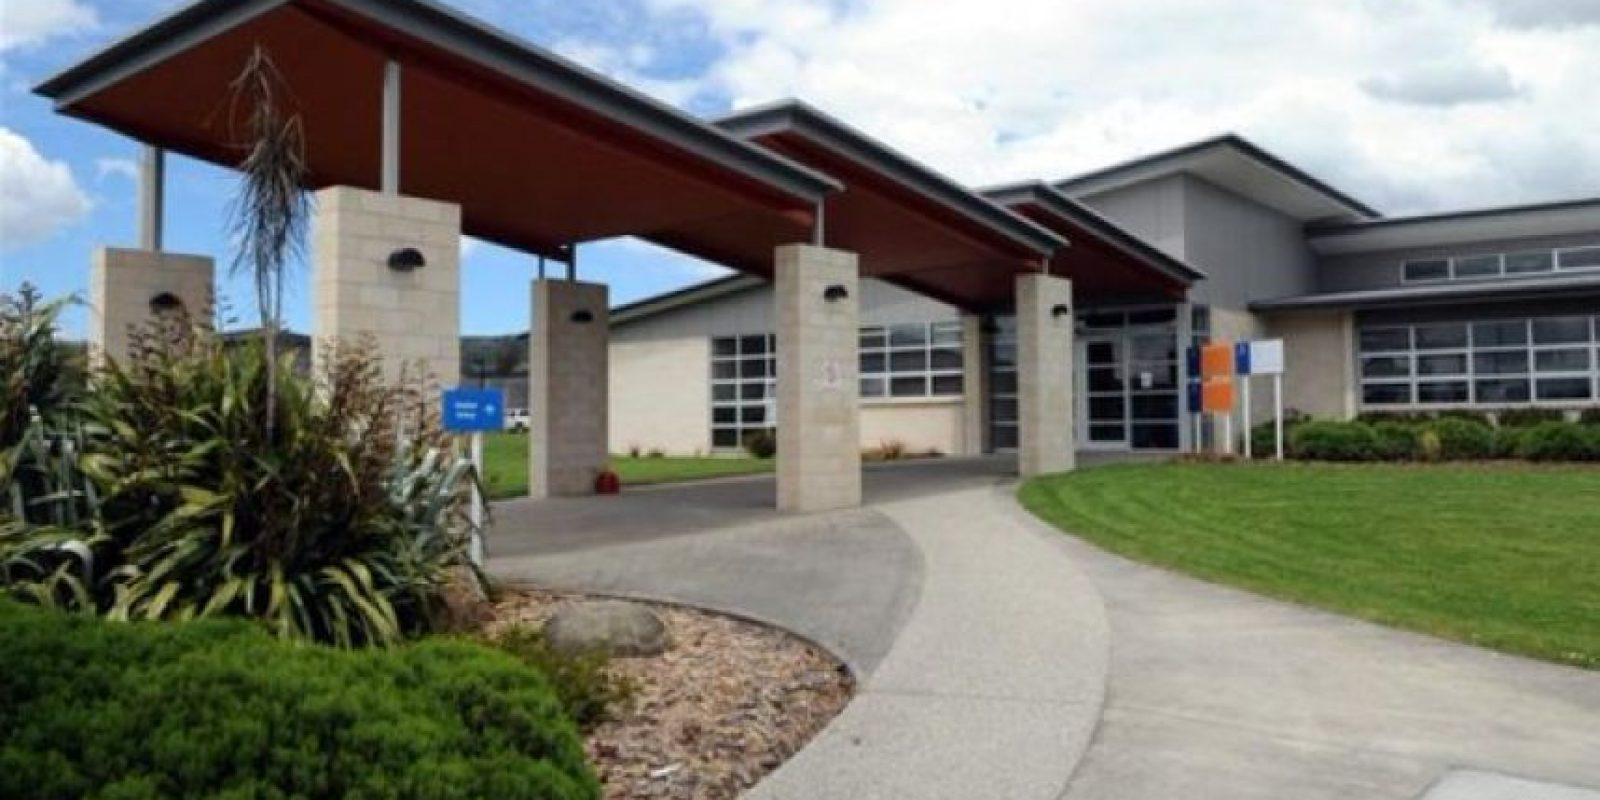 4- Otago Corrections Facility, en Milton, Nueva Zelanda. Foto:Twitter.com